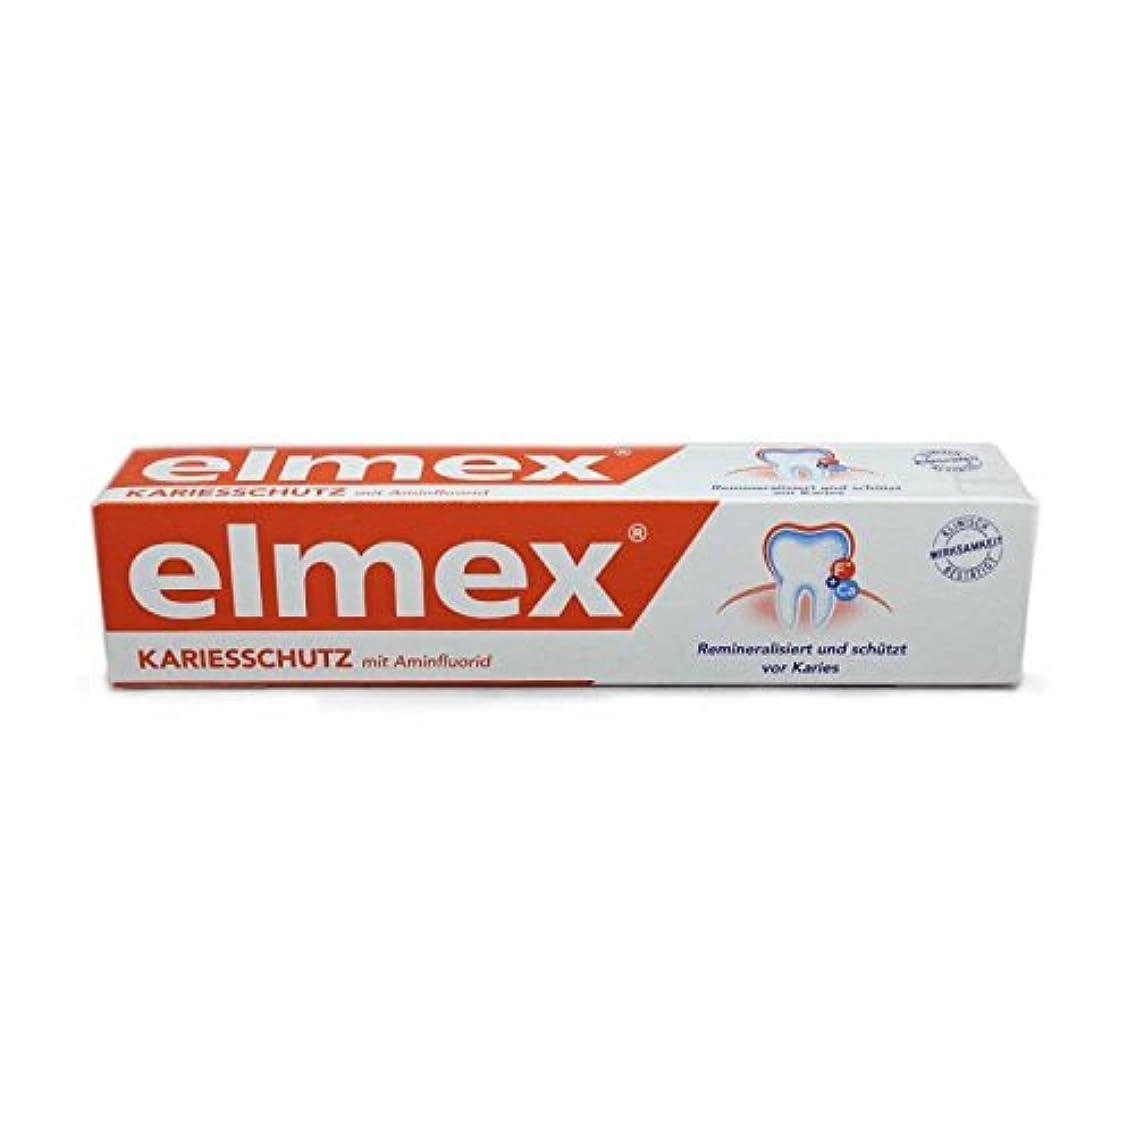 叱るバイアスフォーマルエルメックス 虫歯予防 歯磨き粉 Elmex Kariesschutz Toothpaste 75ml [並行輸入品]